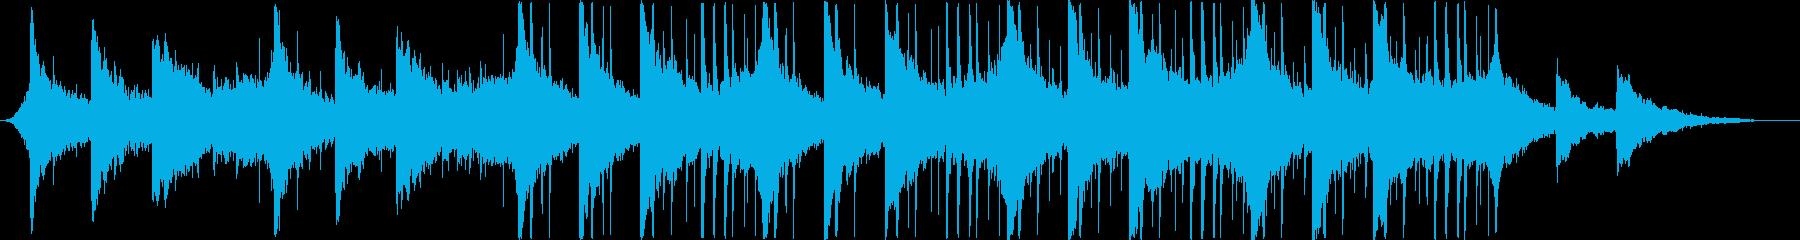 ポップ テクノ ダブステップ アン...の再生済みの波形